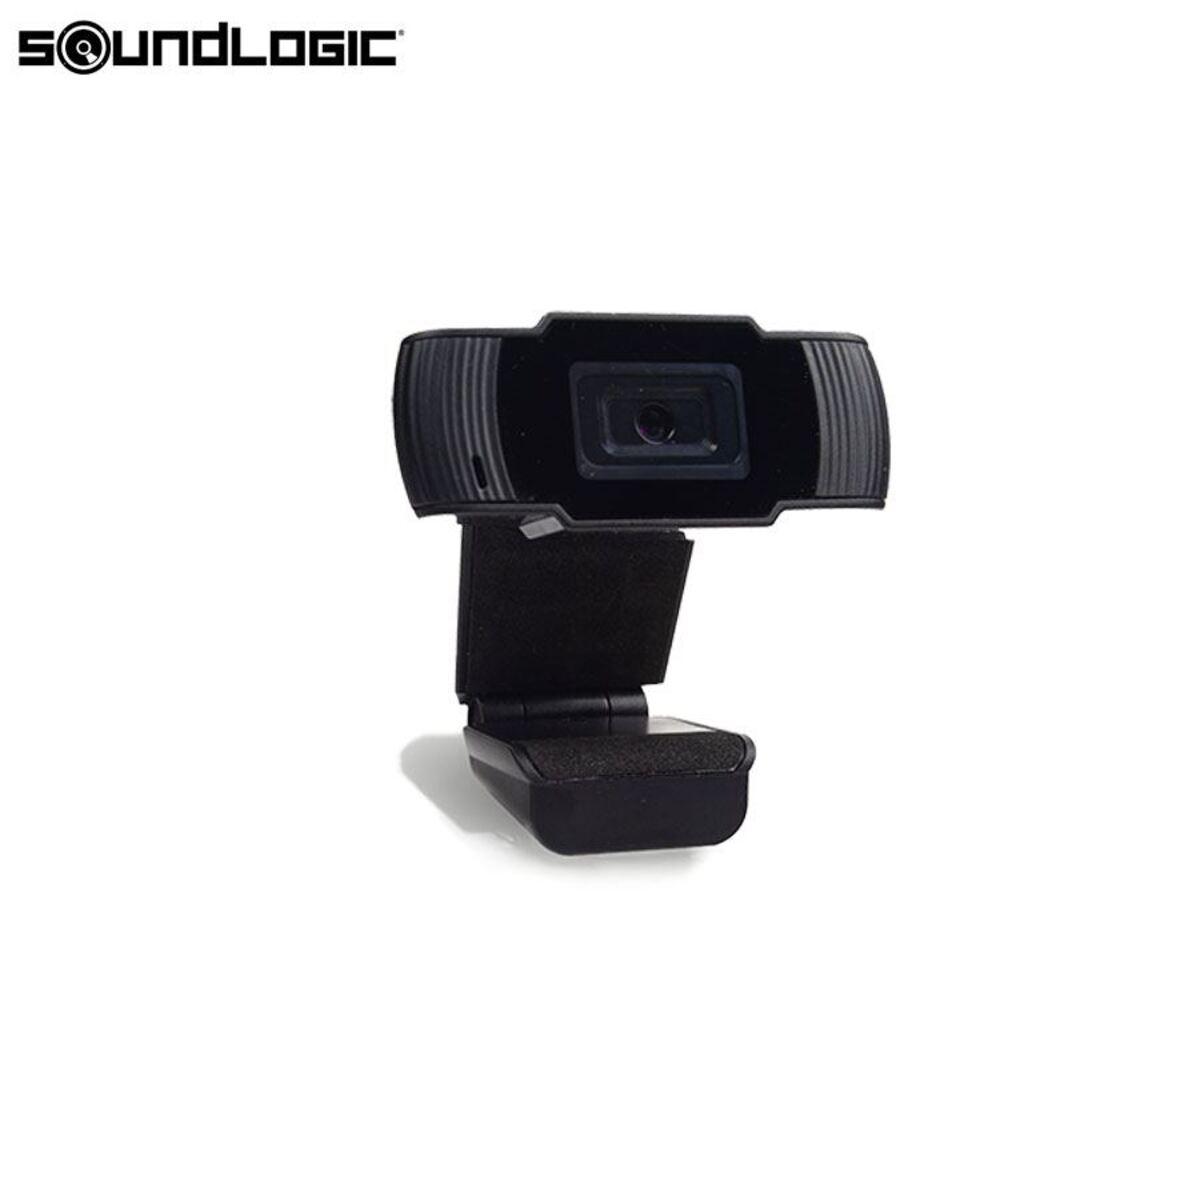 Bild 1 von Soundlogic Webcam mit Mikrofon HD 720p